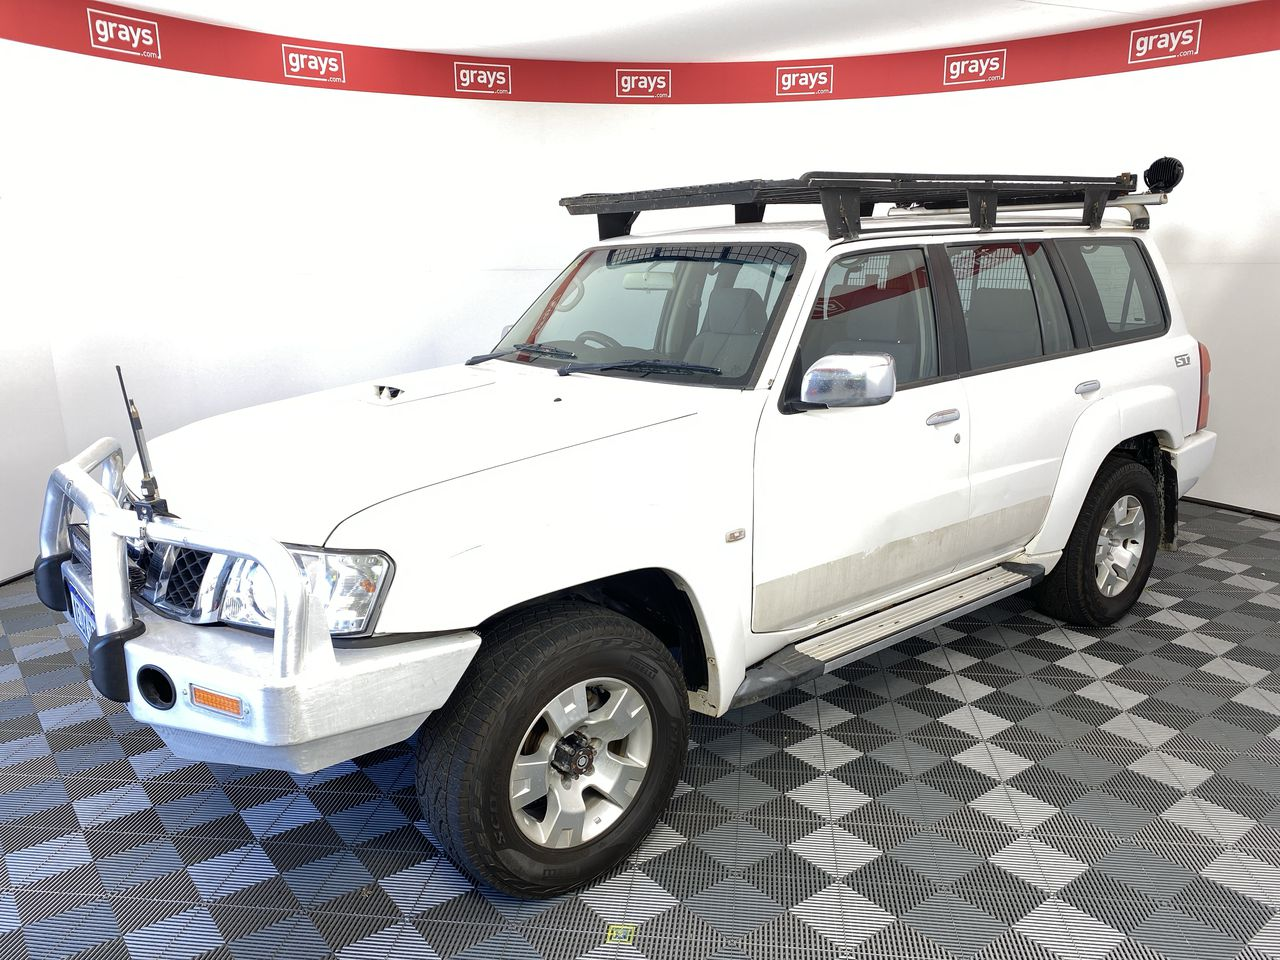 2013 Nissan Patrol 3.0L ST GU Turbo Diesel Automatic 8 Seats Wagon